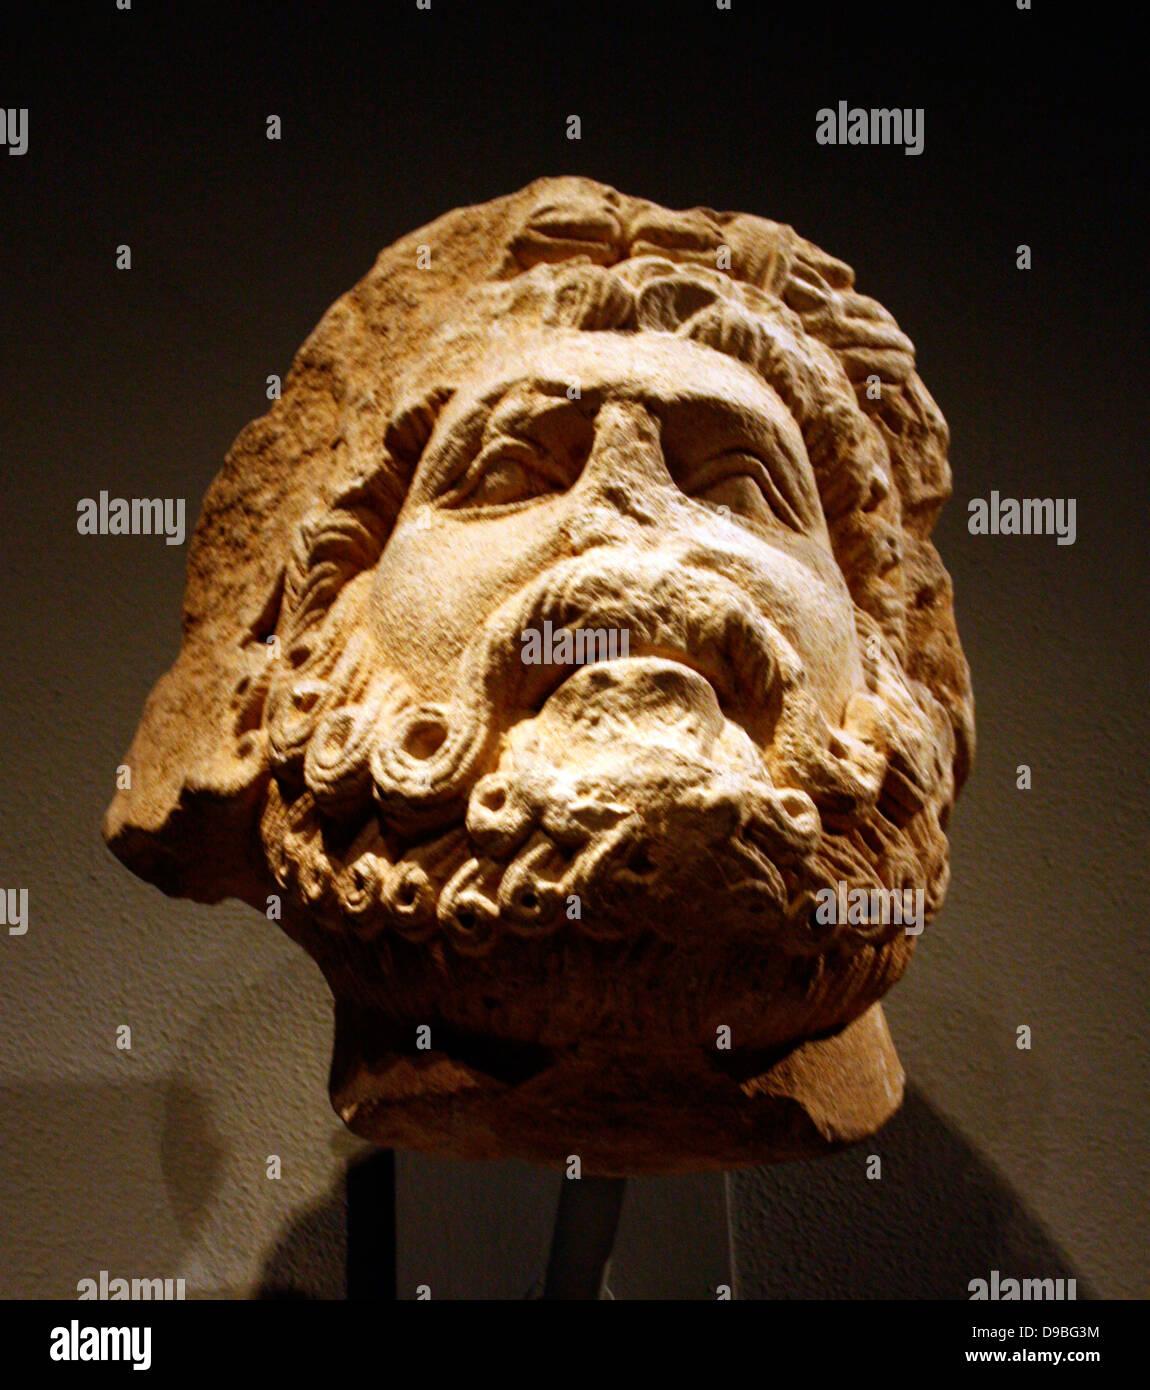 Cabeza de piedra caliza de un hombre barbado, posiblemente de Júpiter. Sur Italiano, posiblemente Apolia. Talladas 1200-1300 Foto de stock